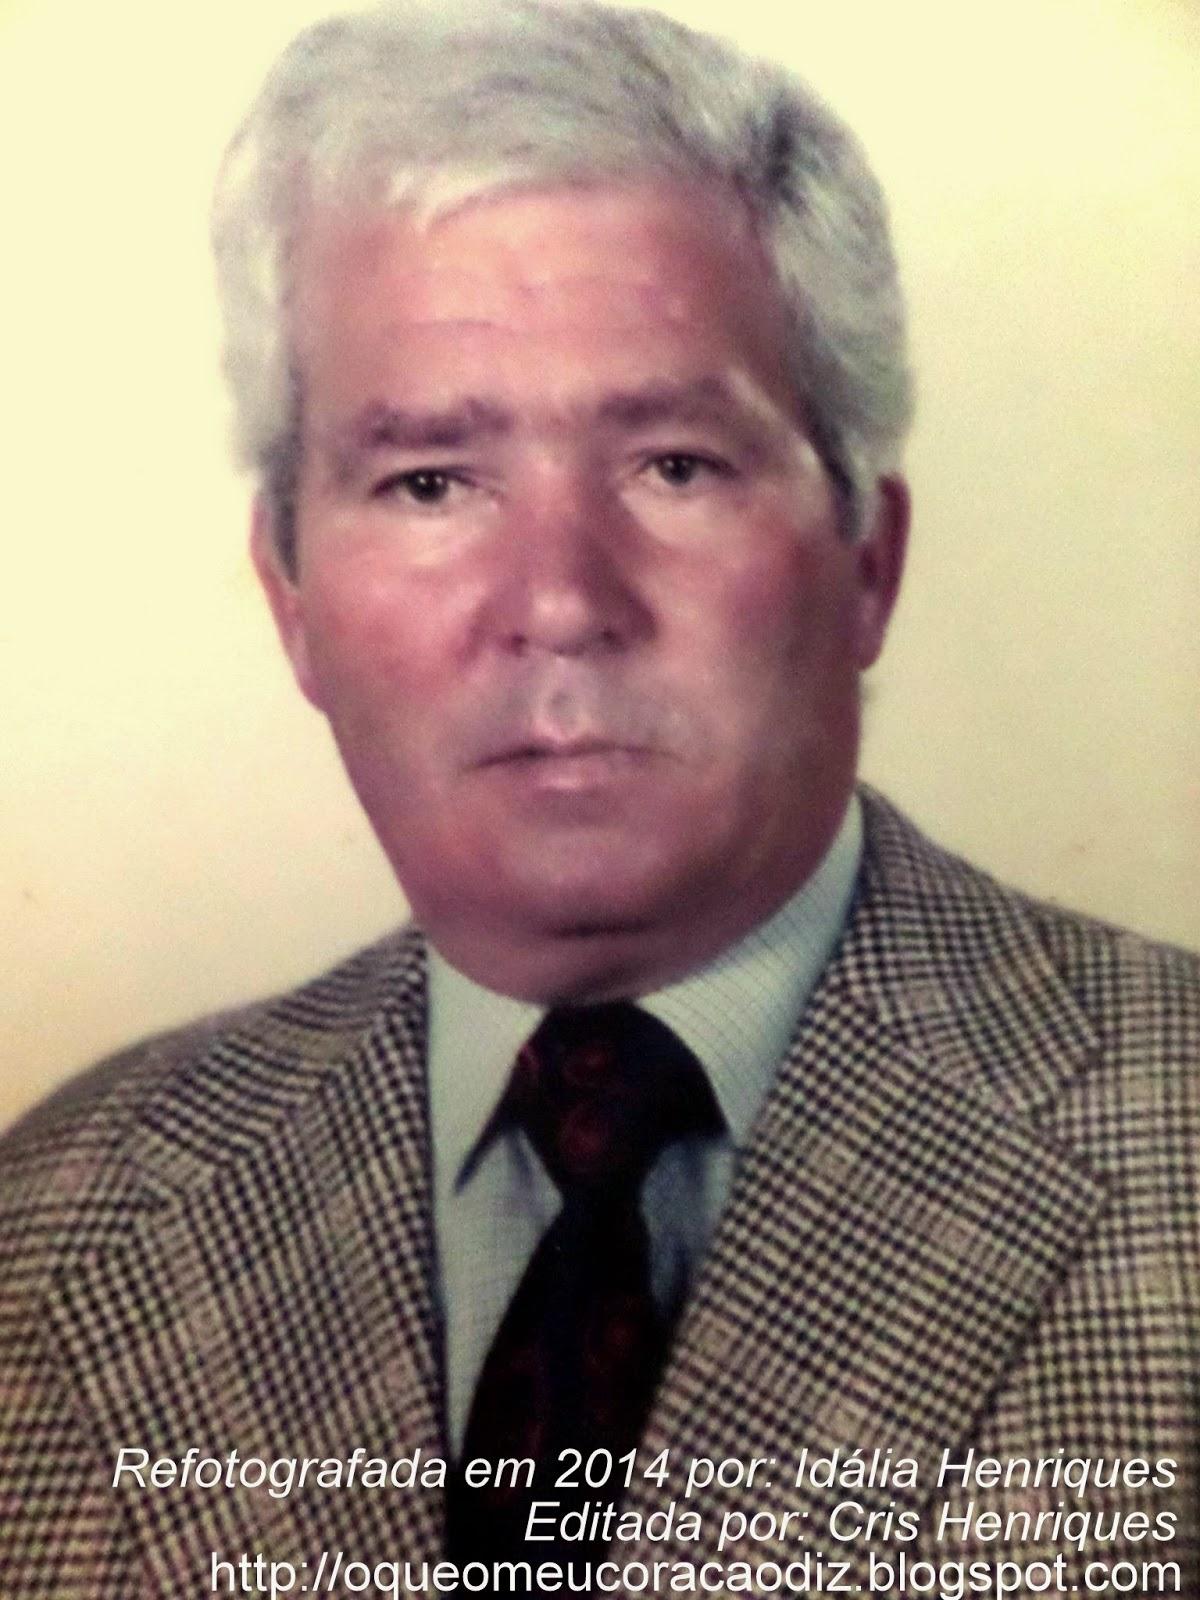 Homenagem a António Feliciano Henriques - O Marujo, http://oqueomeucoracaodiz.blogspot.com/, O Que O Meu Coração Diz, Cris Henriques